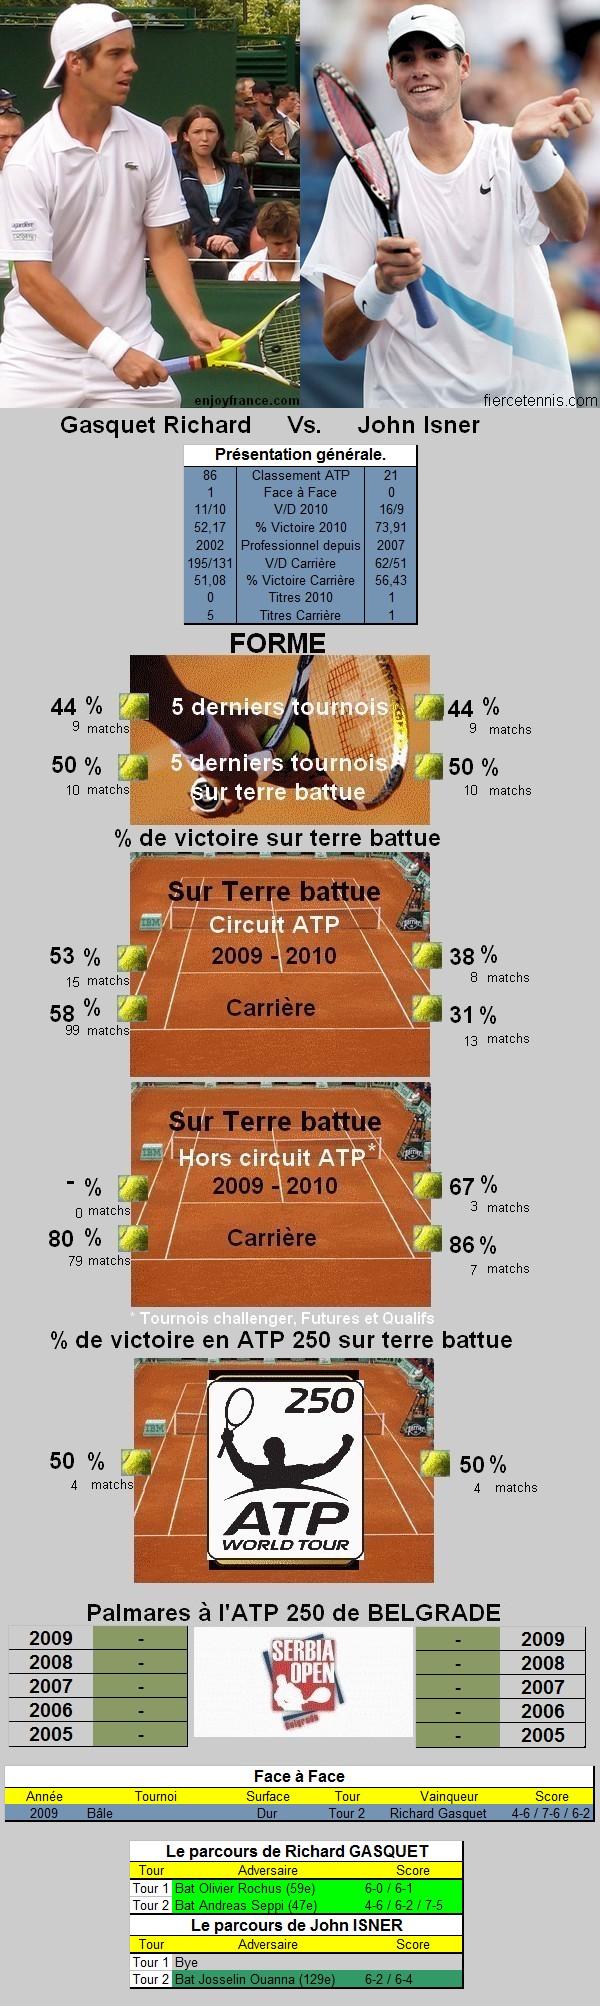 Gasquet vs Isner